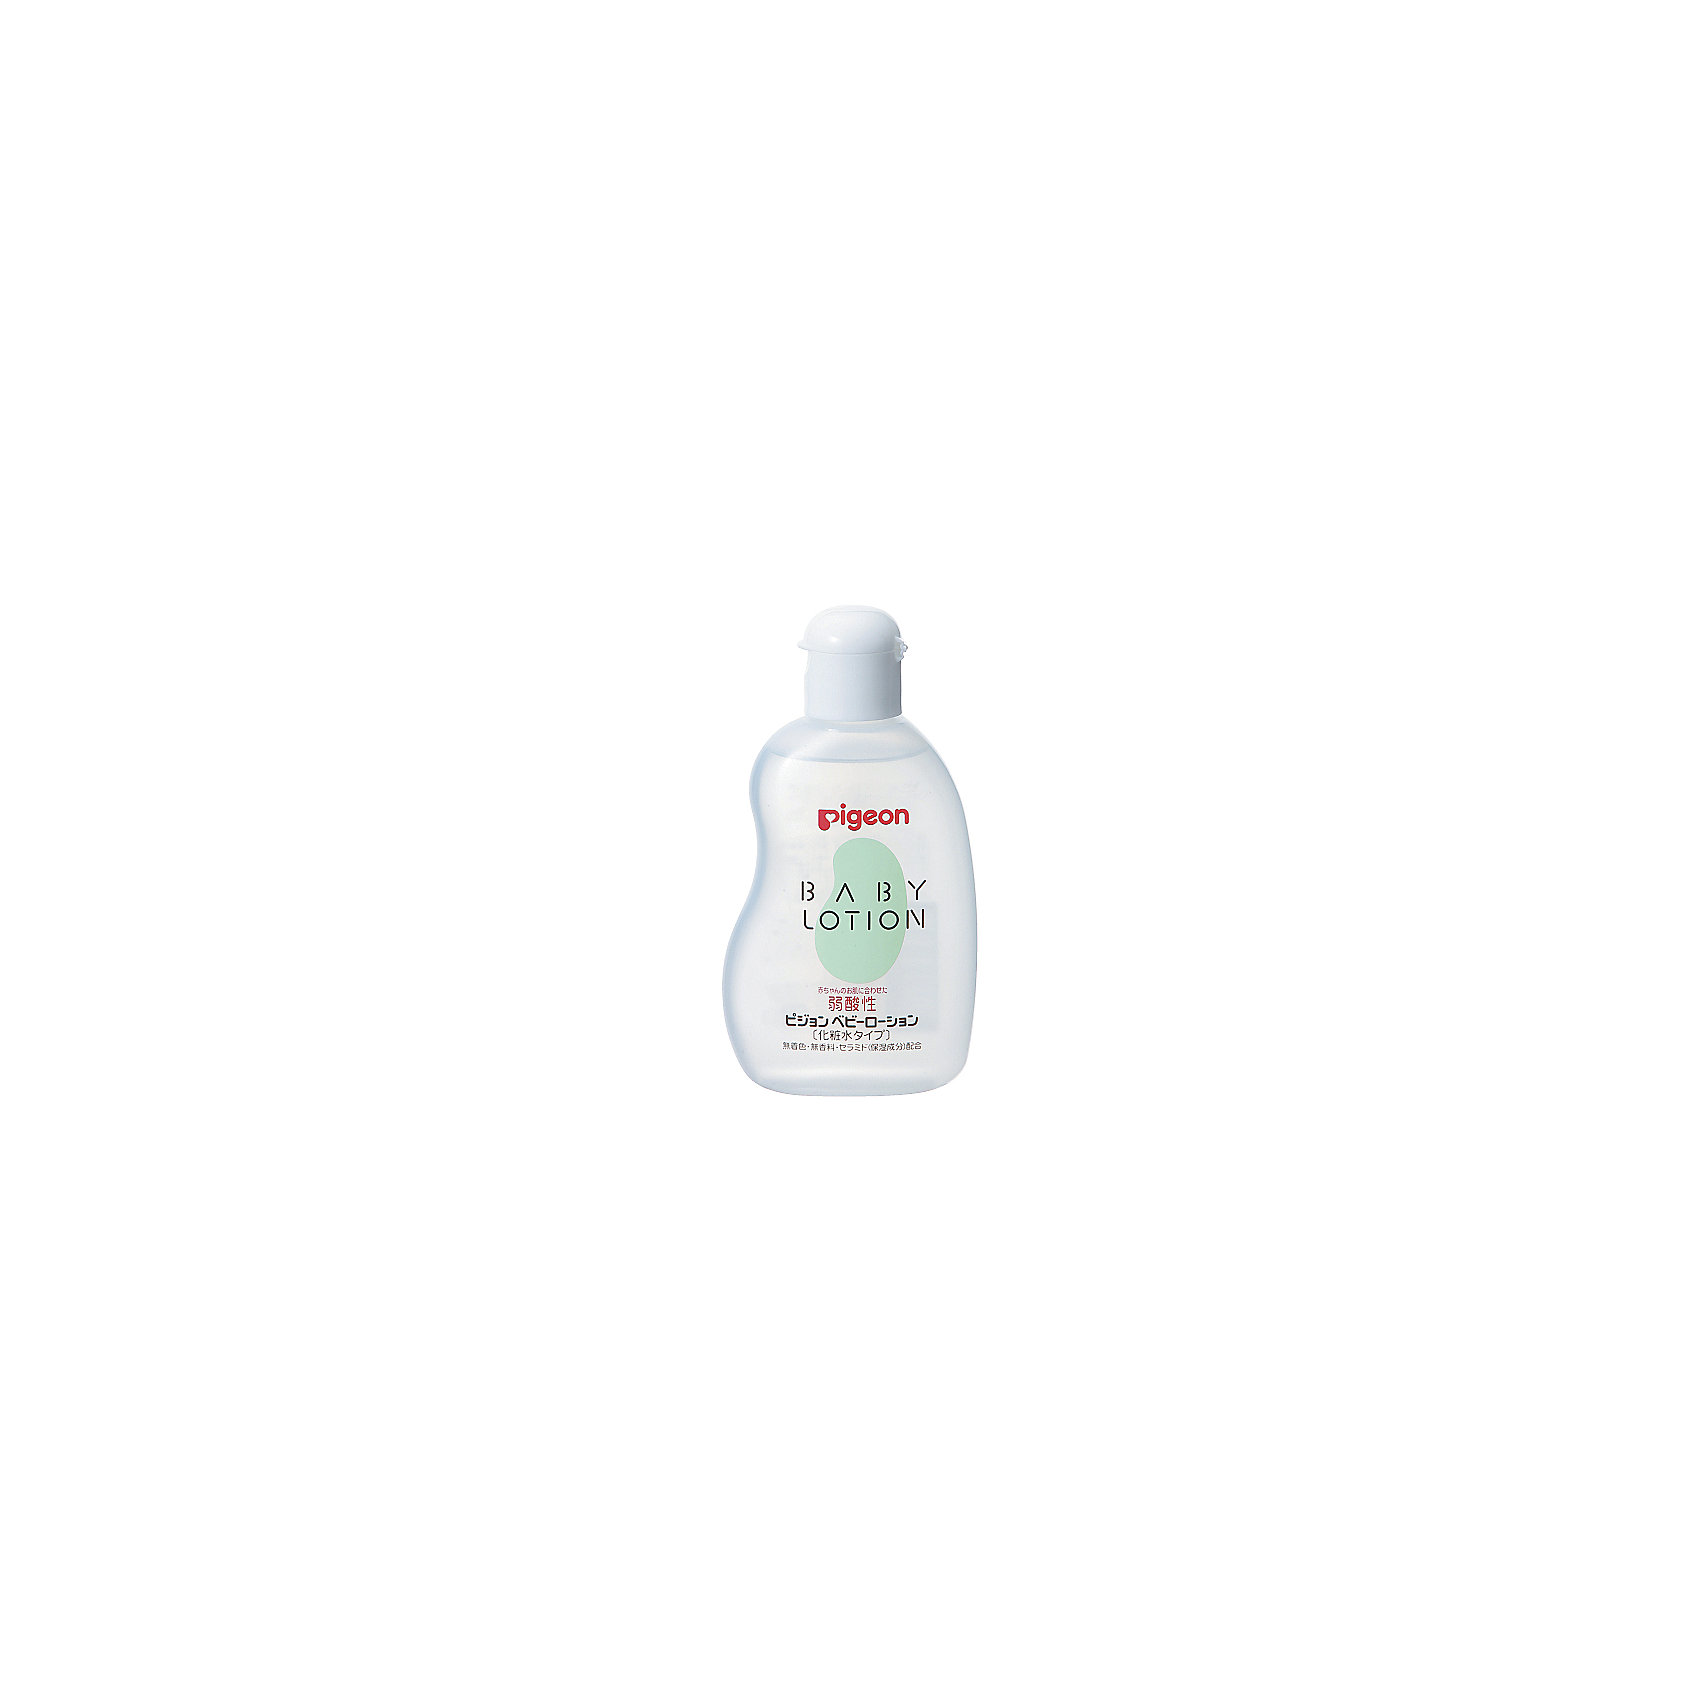 Лосьон увлажняющий детский 120 мл, PigeonКосметика для младнецев<br>Подходит для ежедневного ухода за малышом с рождения.  Содержит увлажняющие компоненты: Керамиды (составляющий компонент кожи человека), удерживающие влагу в коже, защищающие ее от неблагоприятного воздействия окружающей среды; Гиалуроновую кислоту, натуральный компонент, создающий на коже воздухопроницаемую пленку, удерживающую влагу, Аминокислоты (основной элемент белка человека), хорошо усваиваются кожей, способствуют ее увлажнению.<br><br>Ширина мм: 33<br>Глубина мм: 67<br>Высота мм: 127<br>Вес г: 130<br>Возраст от месяцев: 0<br>Возраст до месяцев: 36<br>Пол: Унисекс<br>Возраст: Детский<br>SKU: 4124478